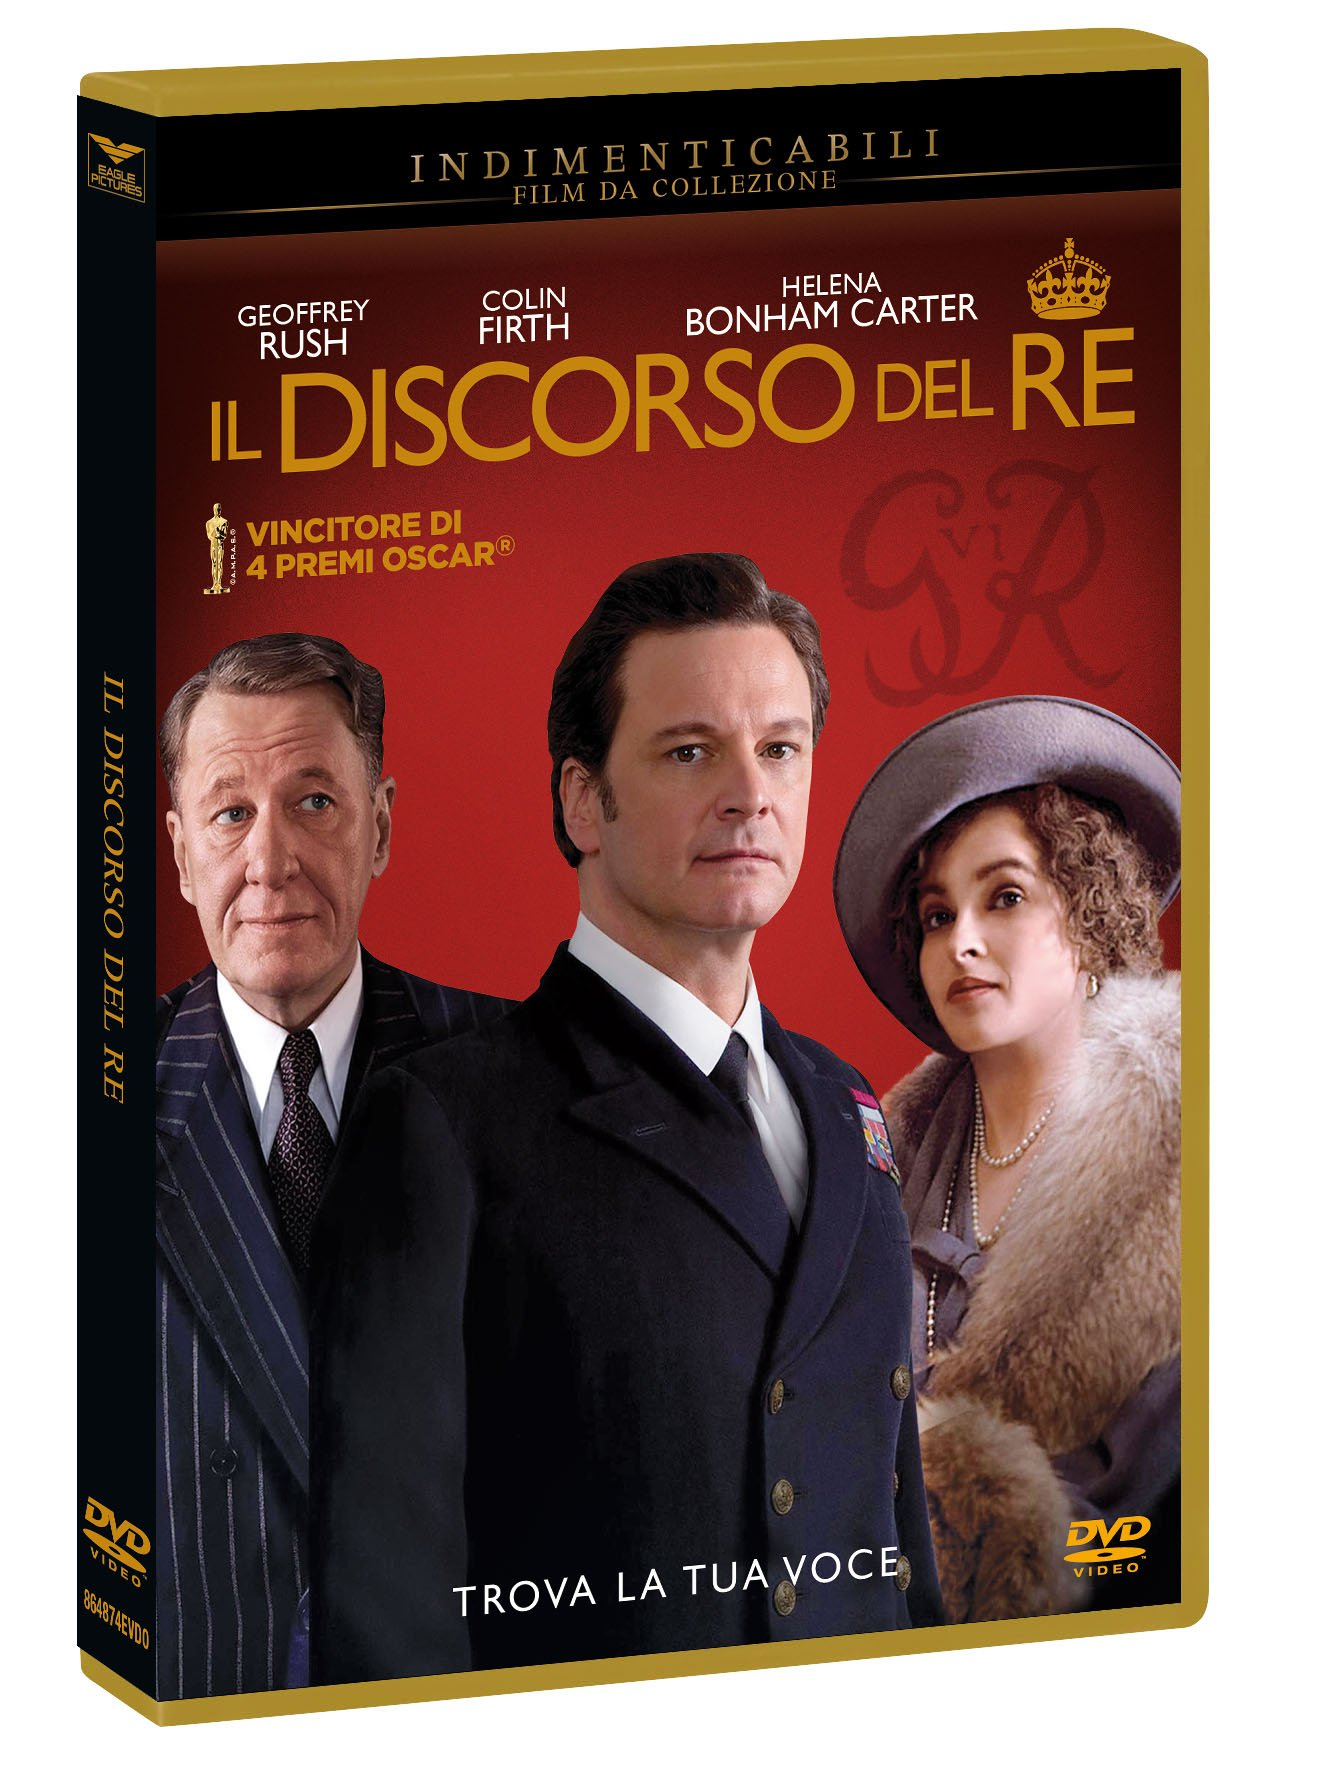 IL DISCORSO DEL RE (INDIMENTICABILI$6) (DVD)